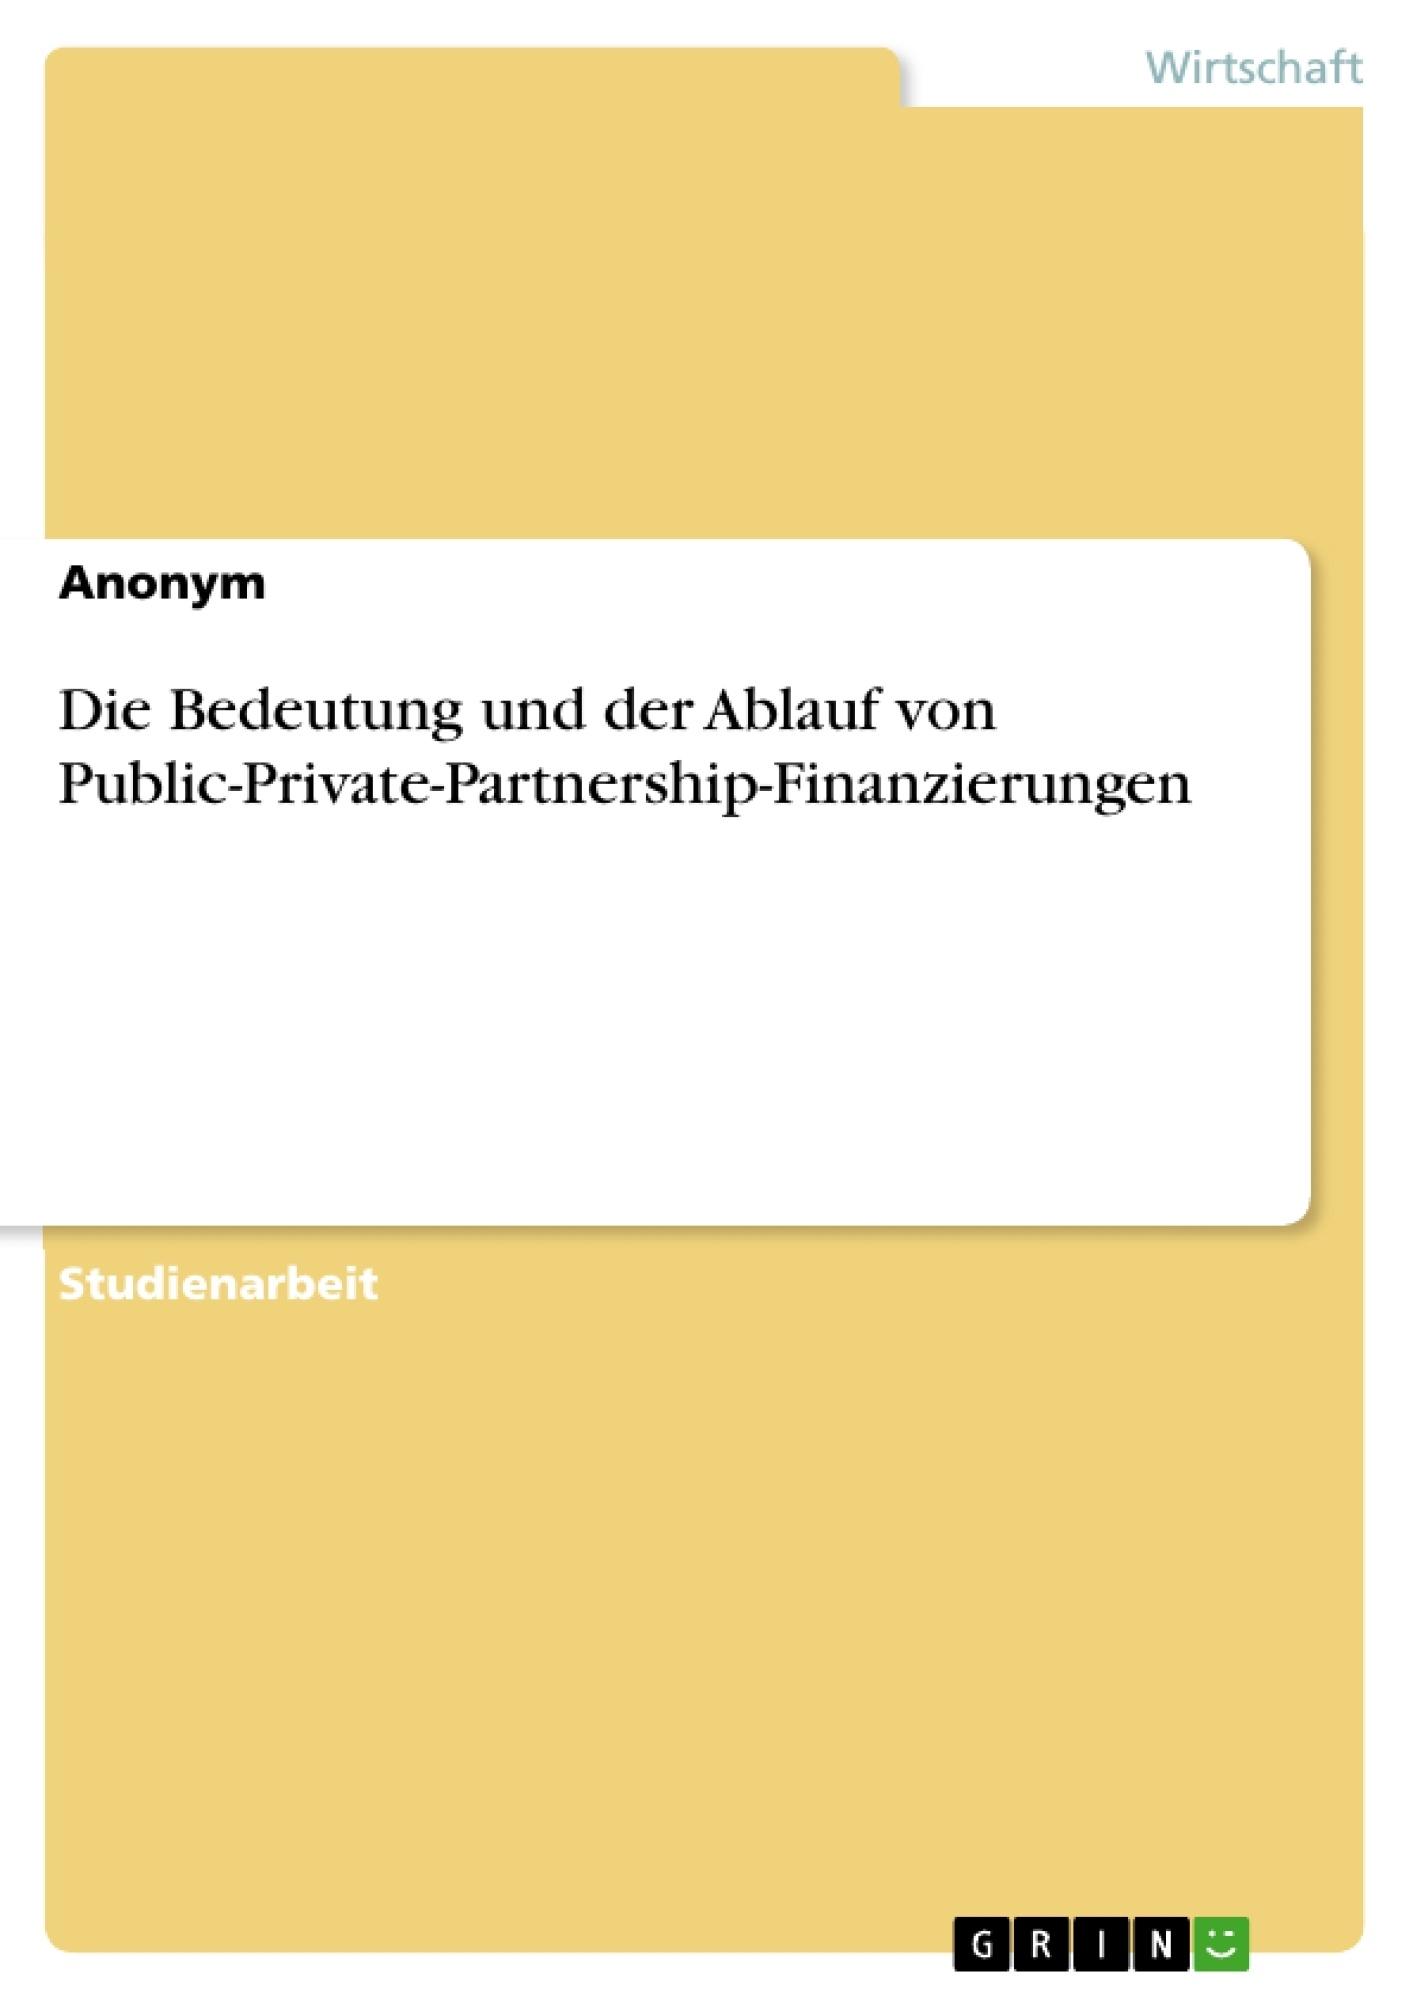 Titel: Die Bedeutung und der Ablauf von Public-Private-Partnership-Finanzierungen